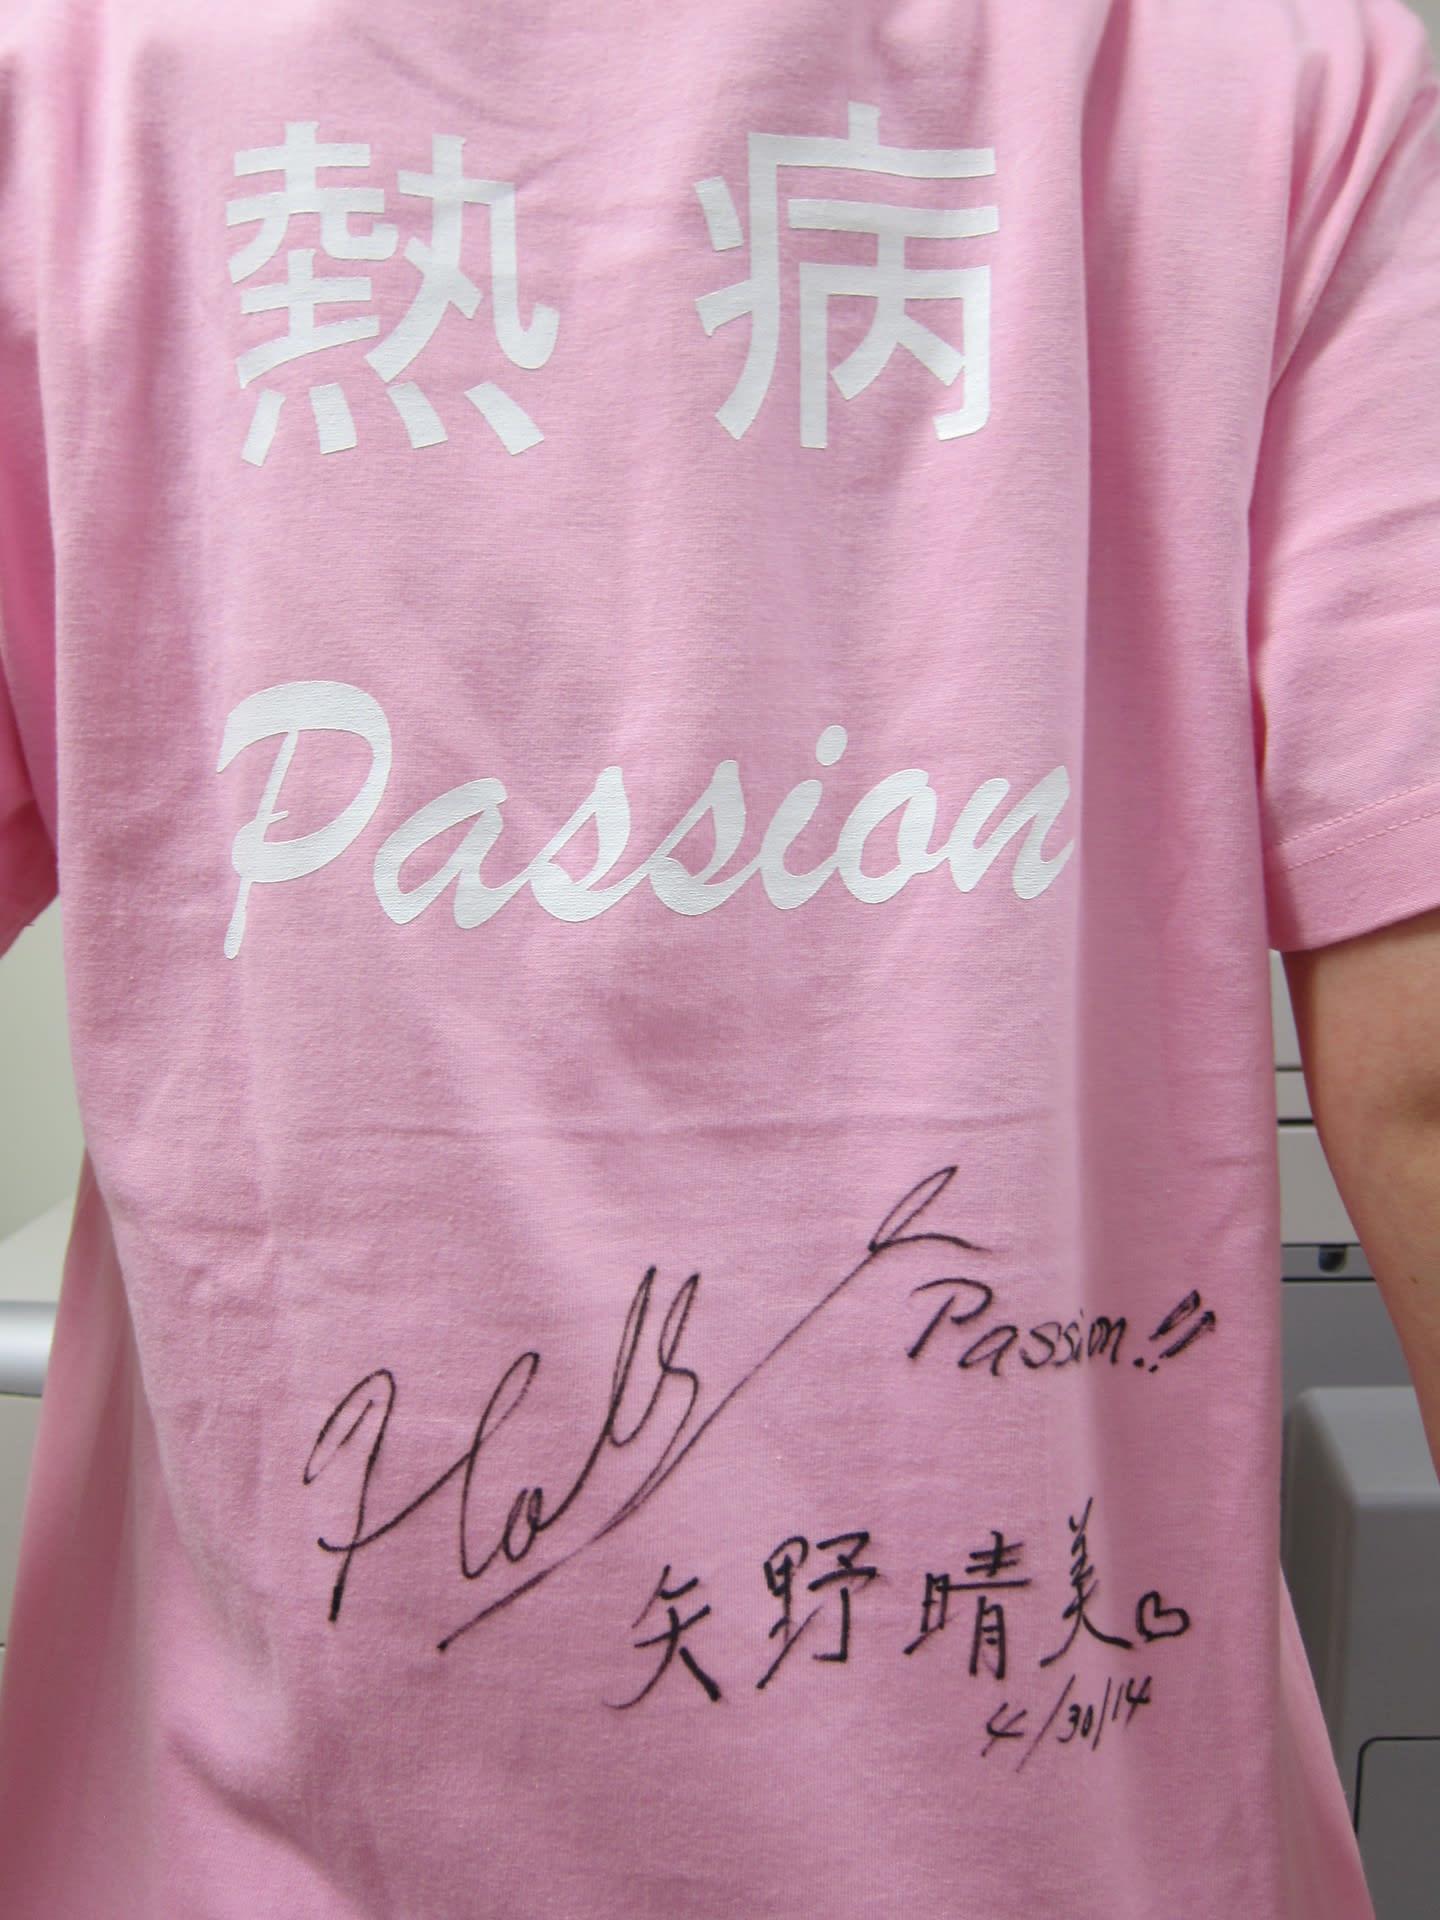 矢野晴美の感染症ワールド & 熱病 Passion! T-shirt - 矢野(五味)晴